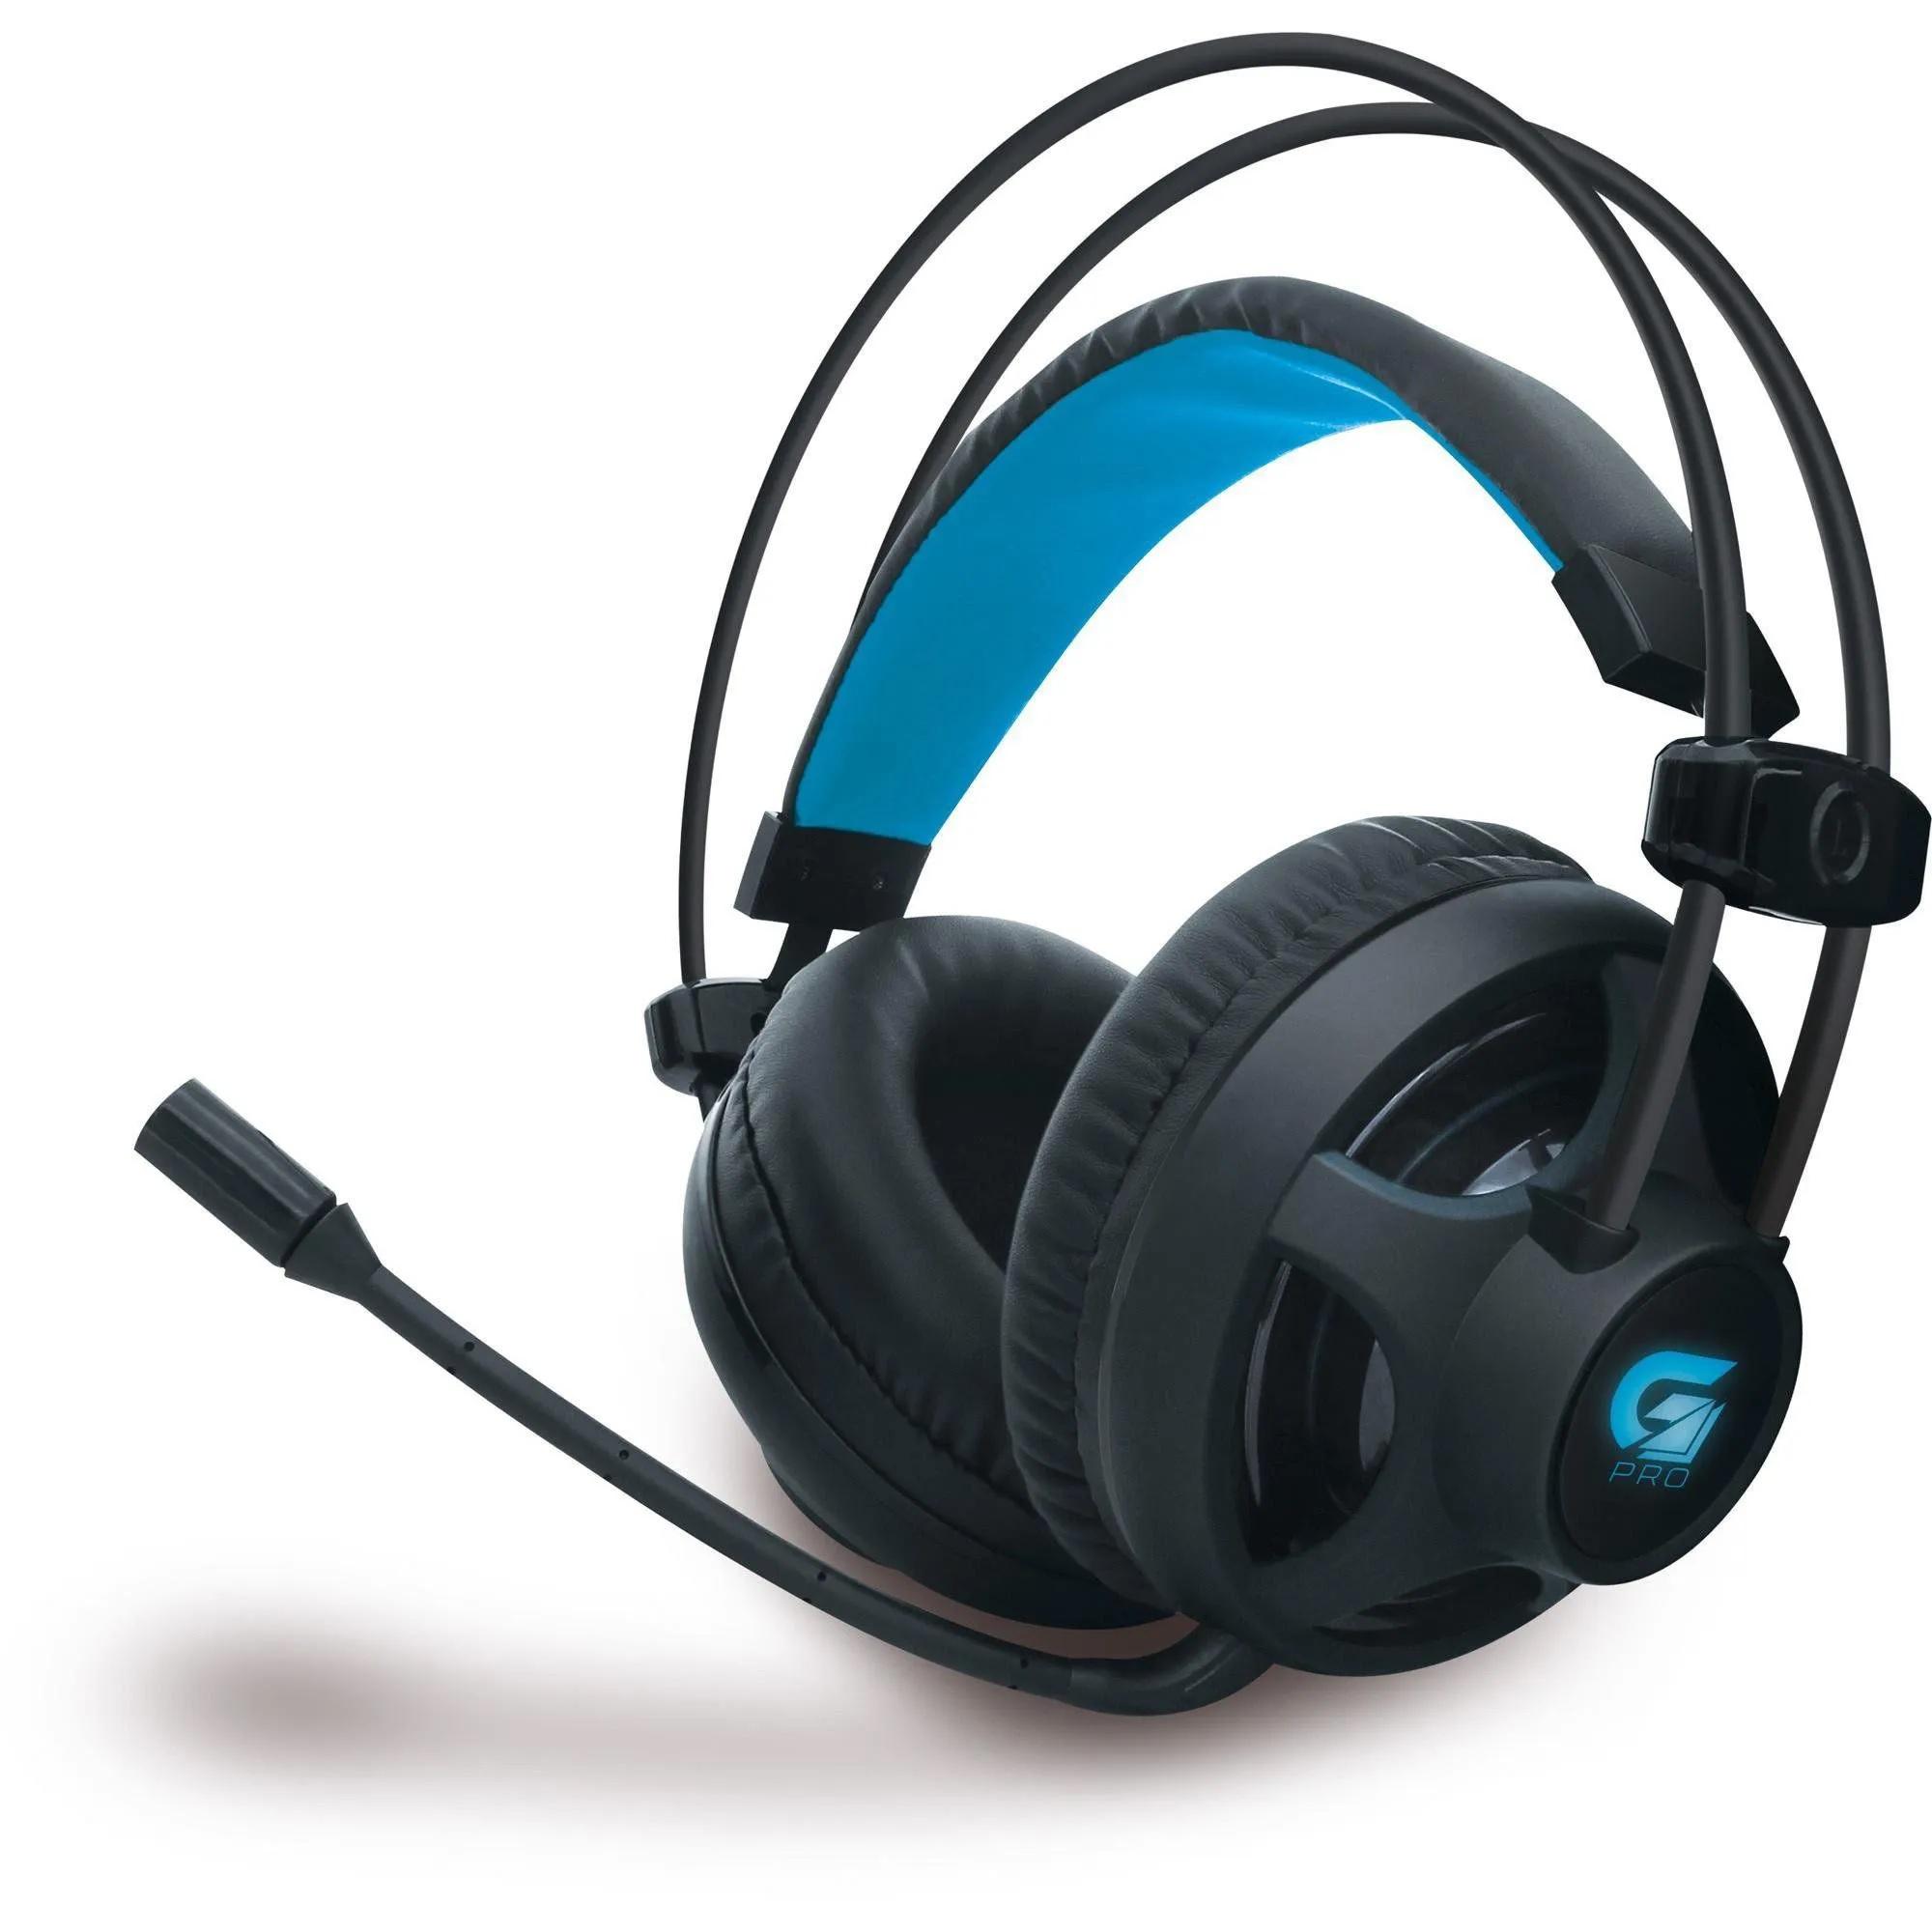 Kit Mouse Death Chroma 4800DPI + Headset Gamer H2 Fortrek